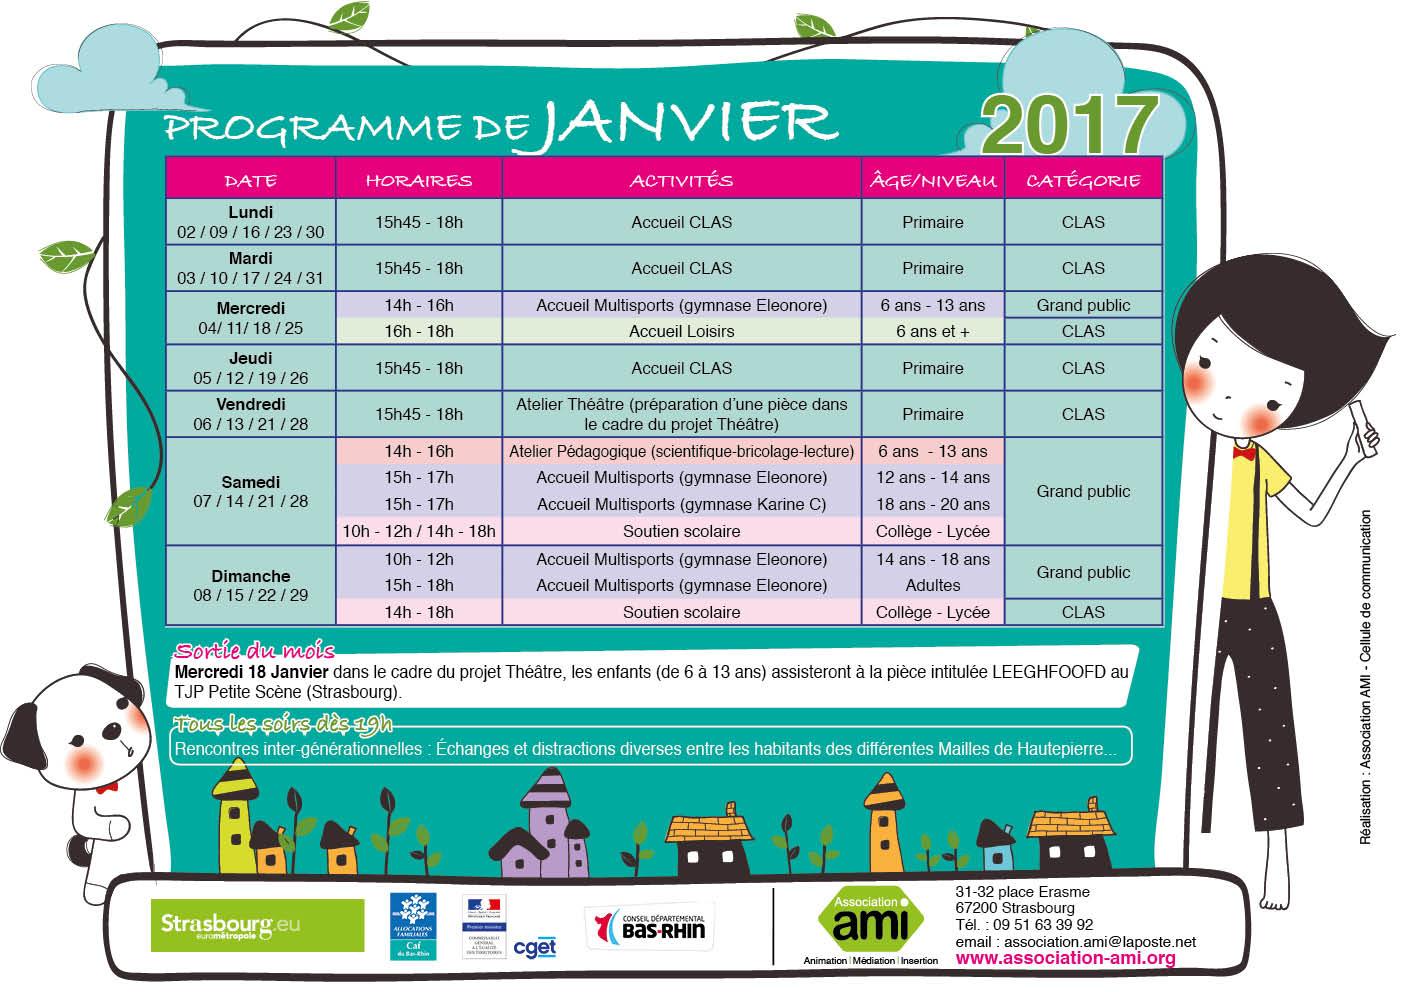 Programme du mois de Janvier 2017